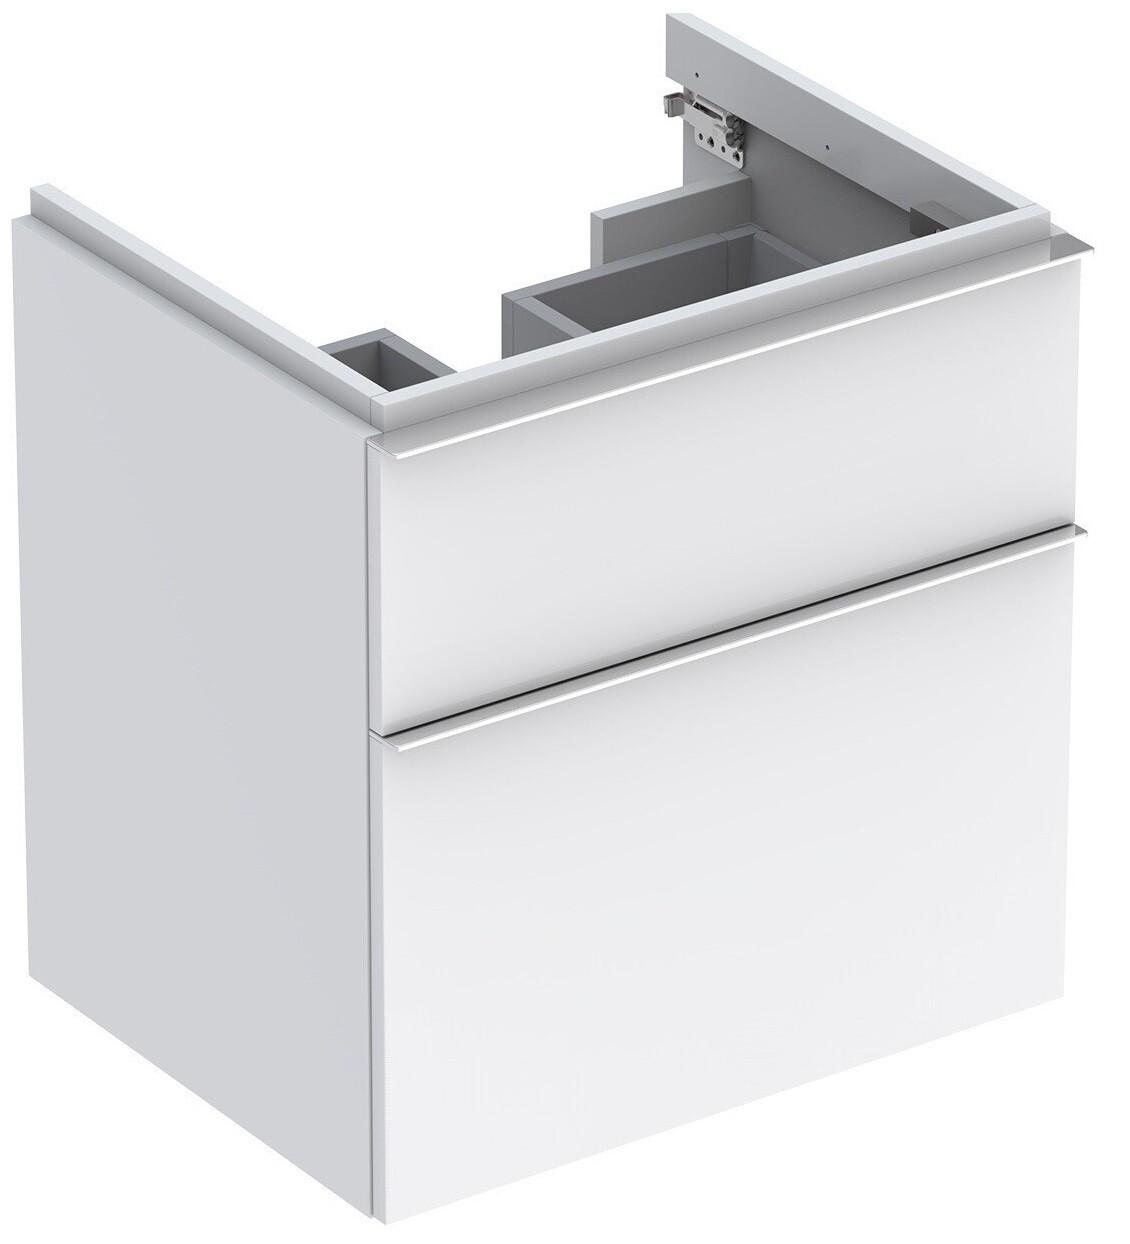 Meuble bas pour lavabo Geberit iCon 60 cm avec deux tiroirs blanc laqué ultra-brillant